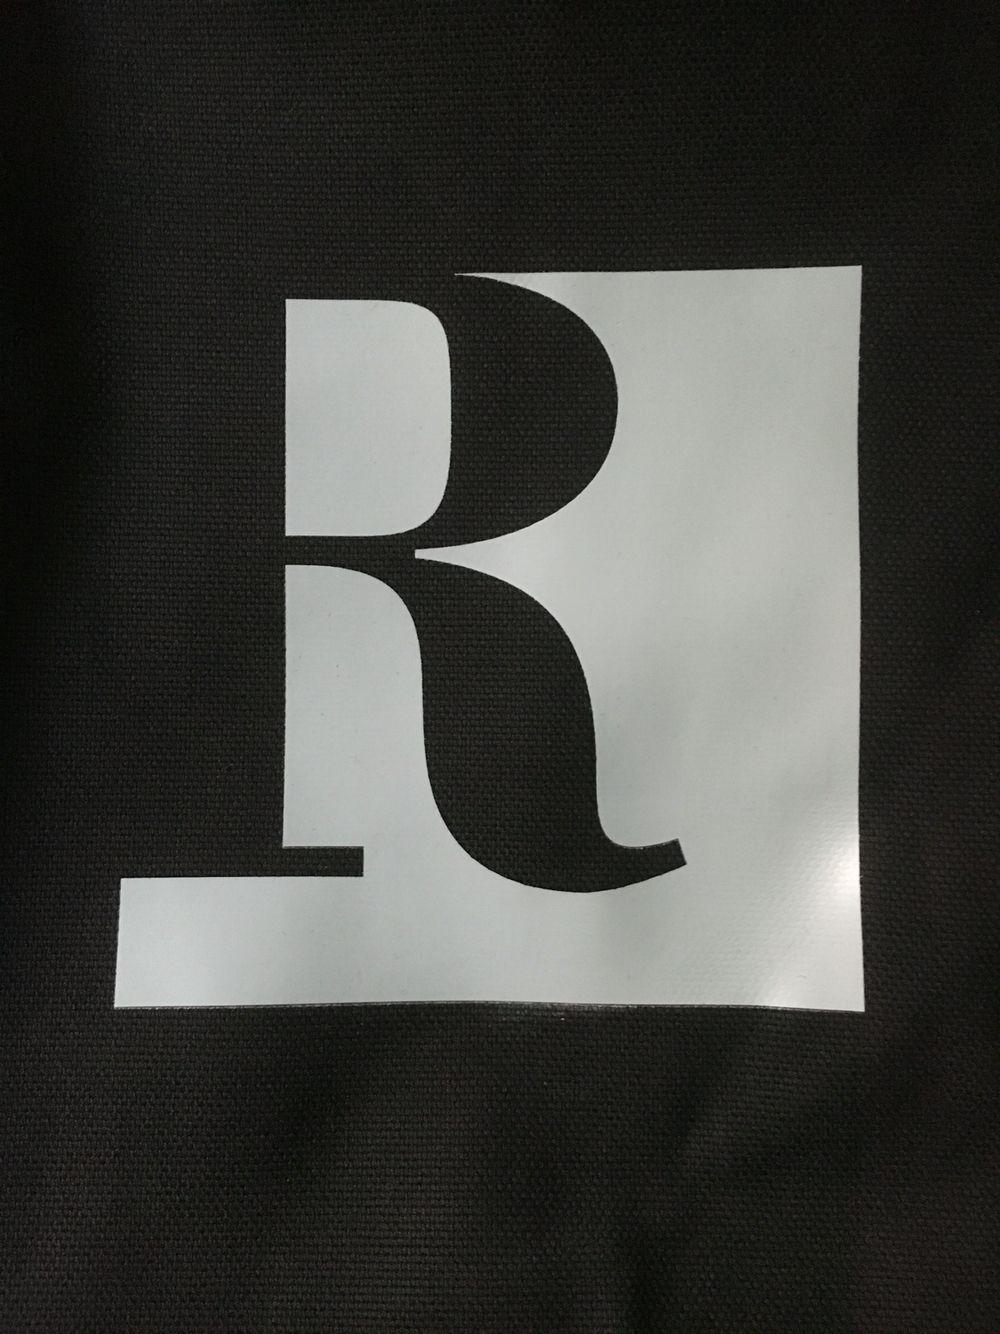 unser logo rademann r auf der neuen firmenbekleidung berufsbekleidung workwear von. Black Bedroom Furniture Sets. Home Design Ideas